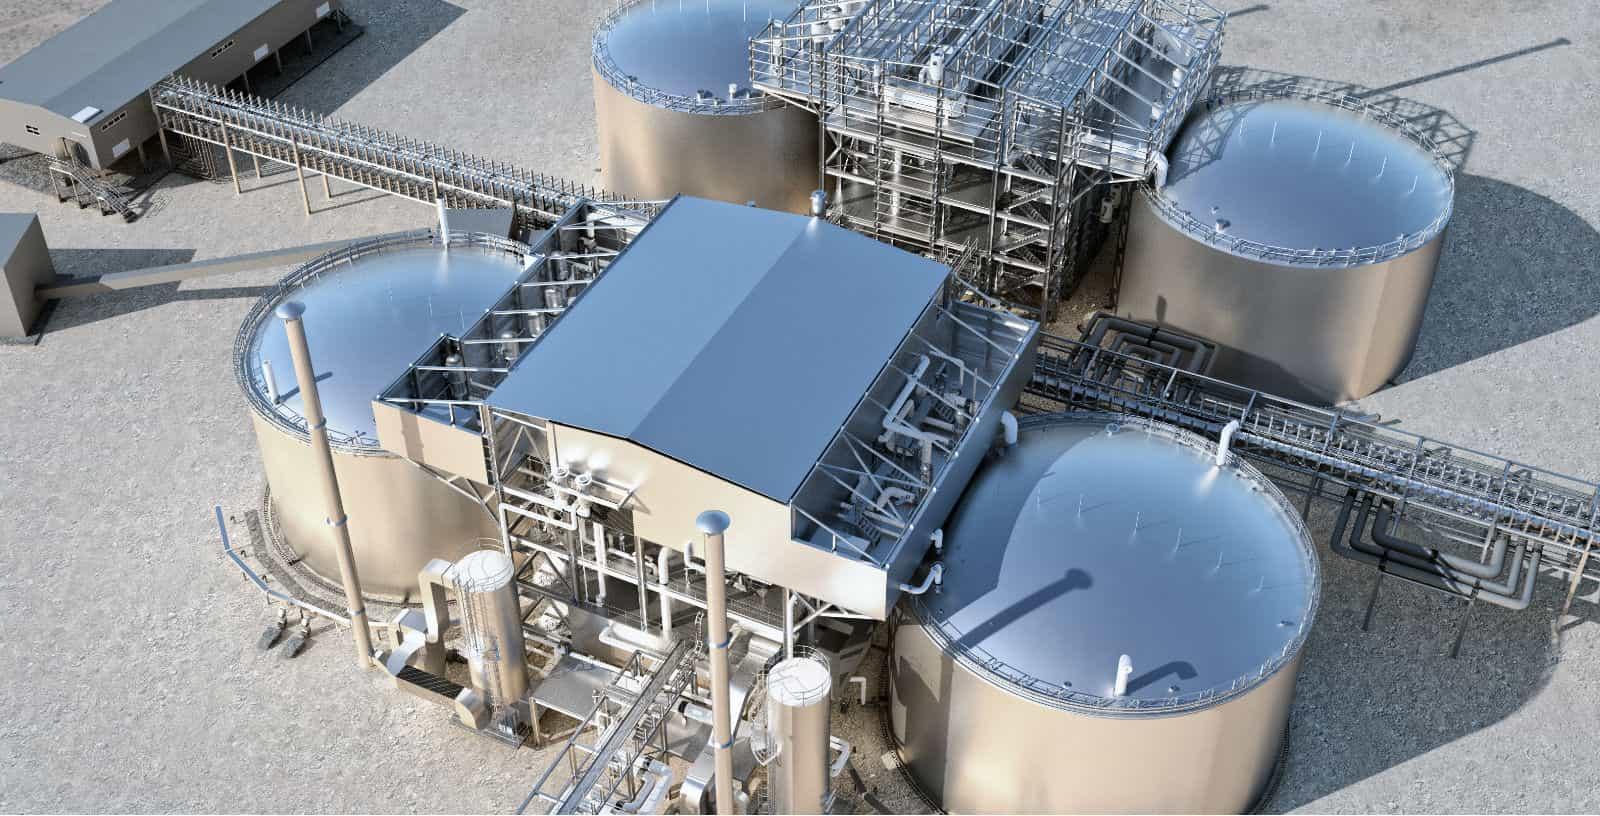 CSP_-Plants_Molten_Salts_Thermal-Storage-System_Gansu_Akesai_Dunhuang_China_IDOM